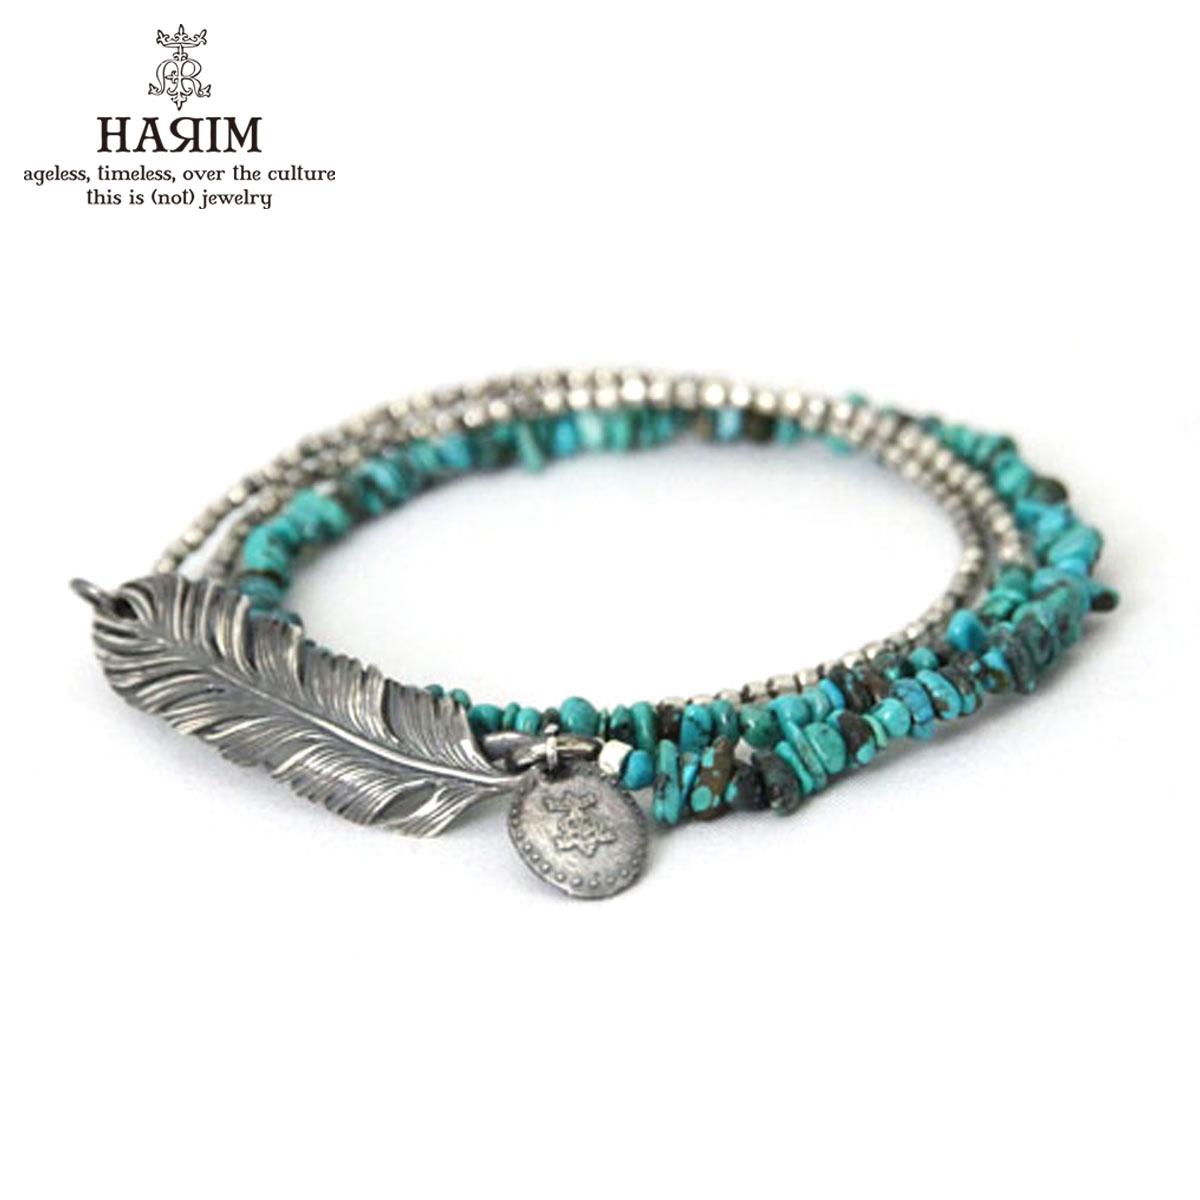 ハリム HARIM 正規販売店 ネックレス Turquoise Feather Bracelet Necklace HRT901